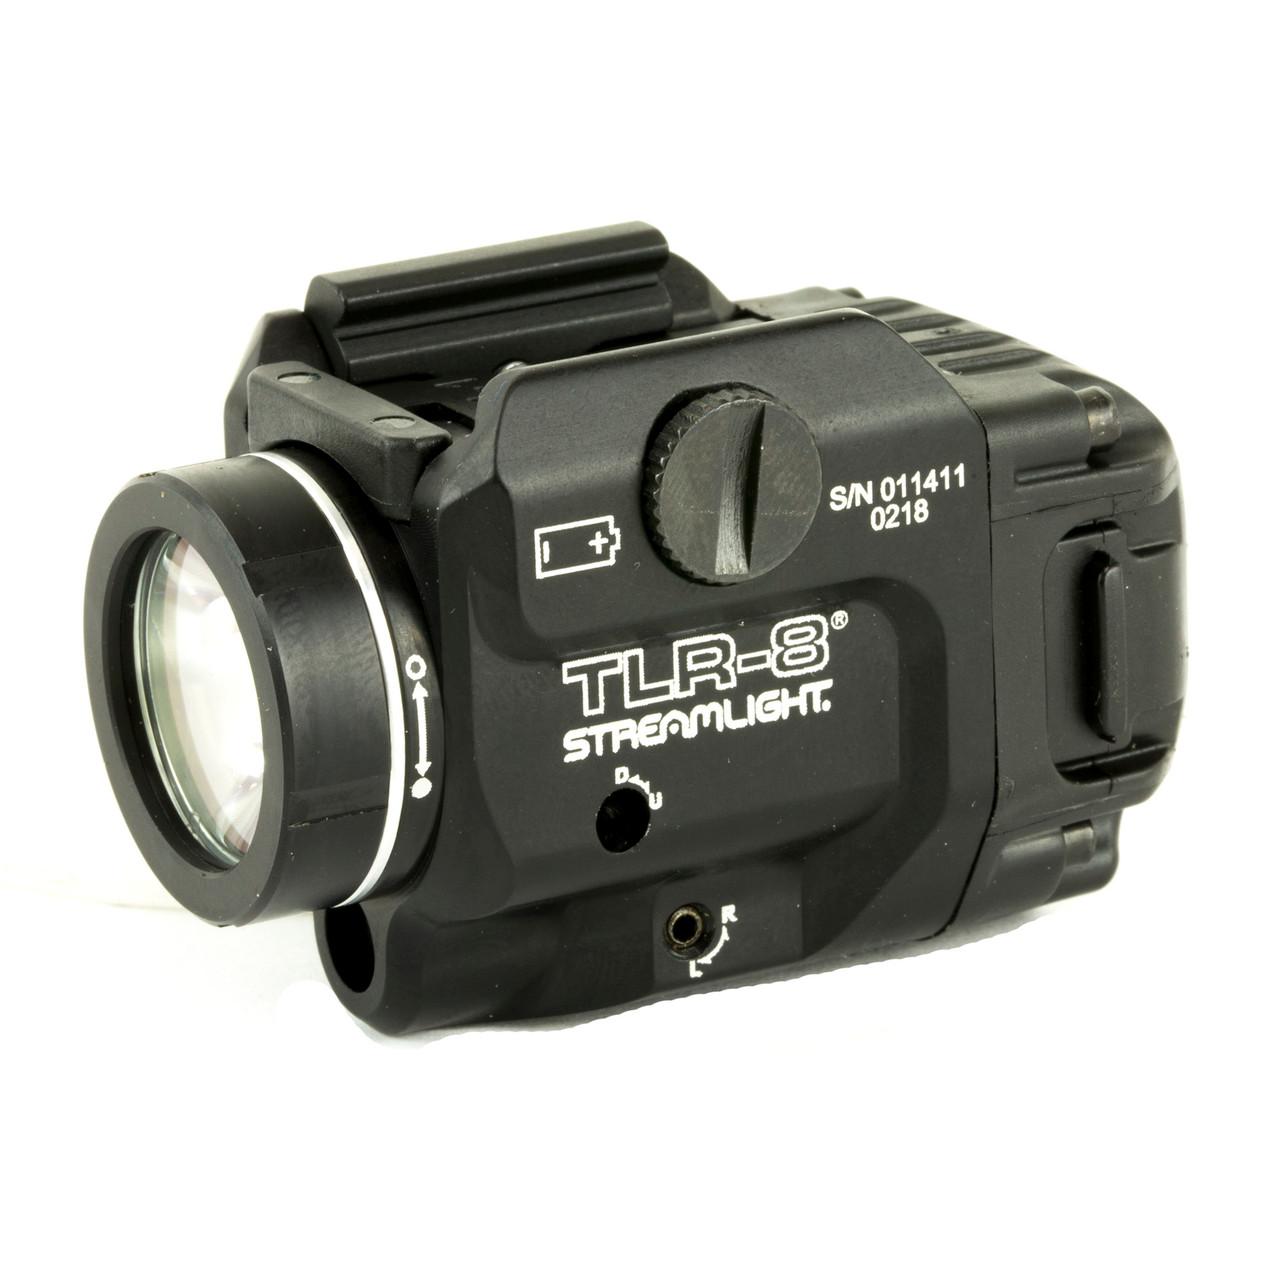 Streamlight Tlr 8 500 Lumen Gun Light Amp Laser Red Green